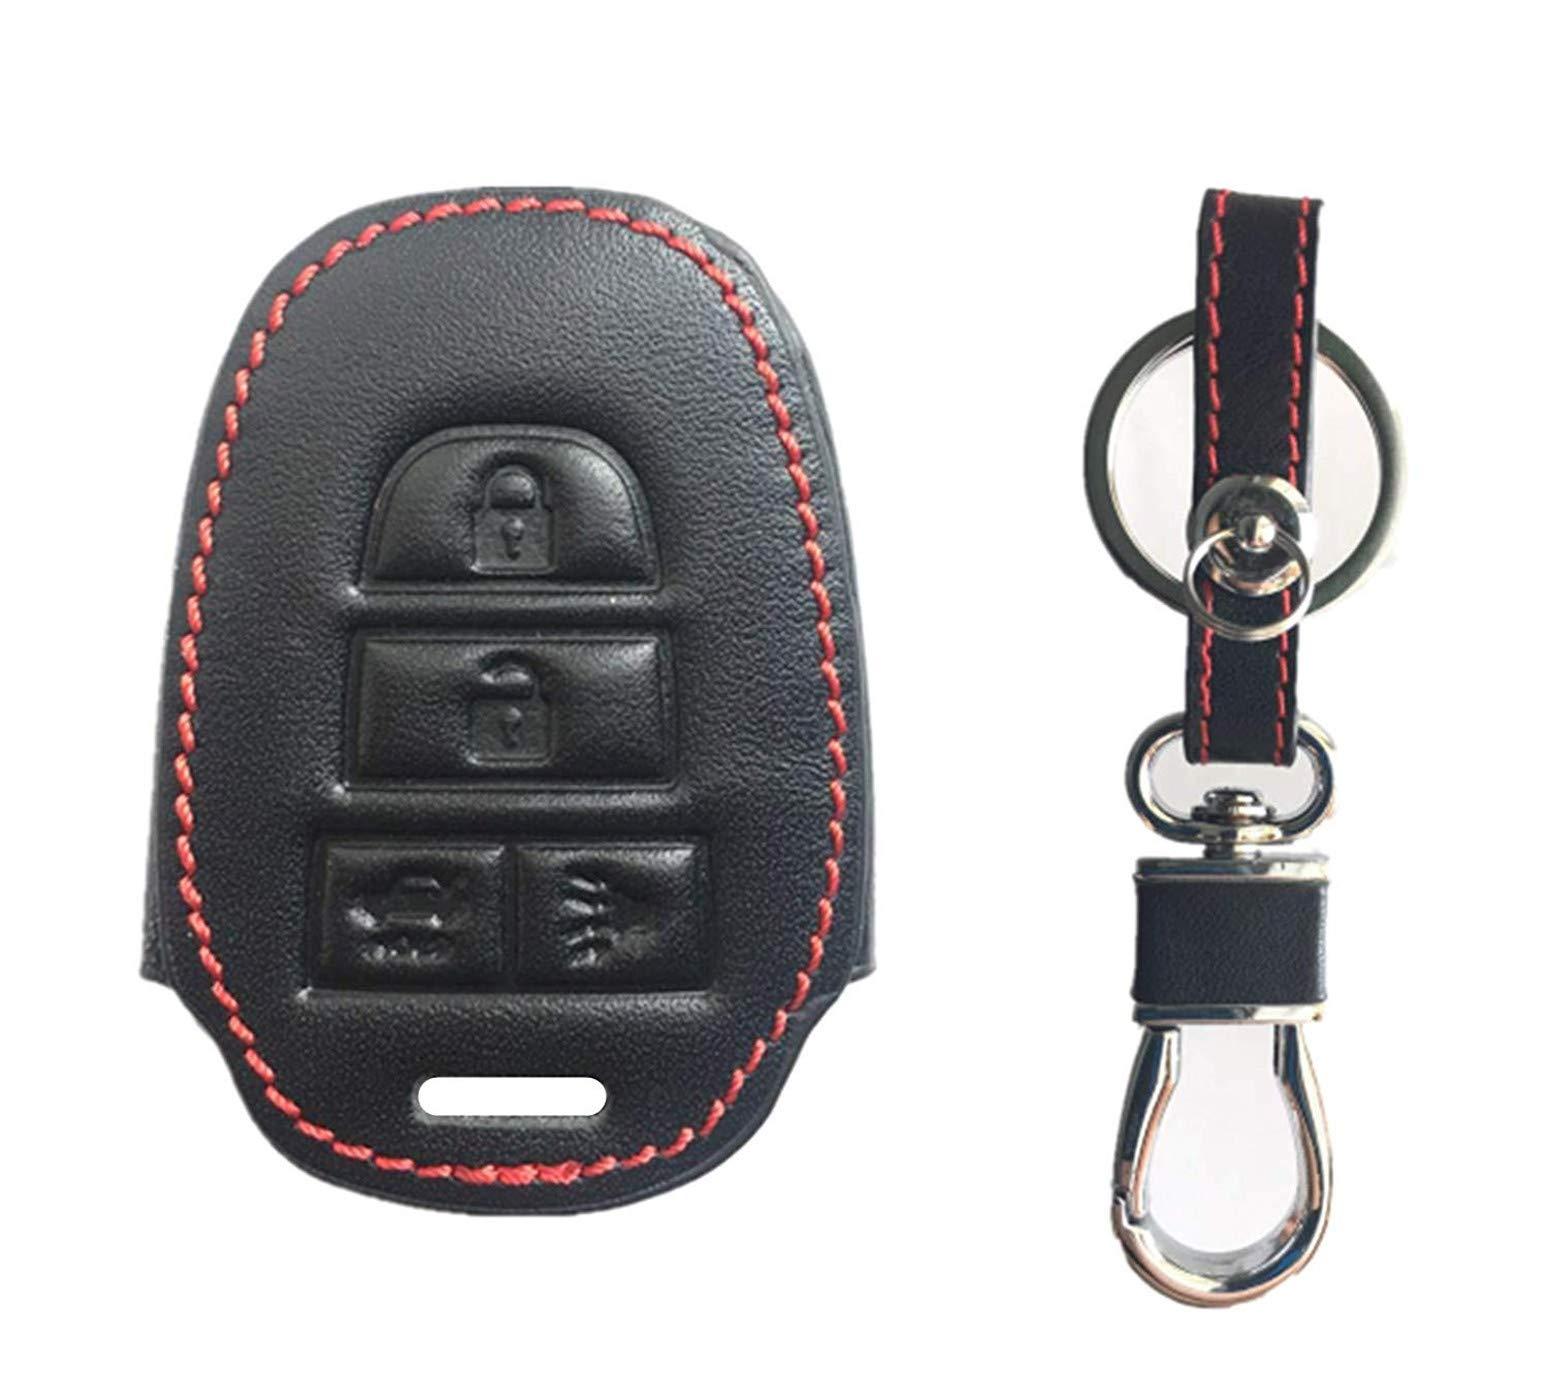 2014-2017 Toyota Corolla RAV4 Highlander Keyless Entry Remote Case /& Pad HYQ12BDM Key Fob Shell fits 2012-2017 Toyota Camry